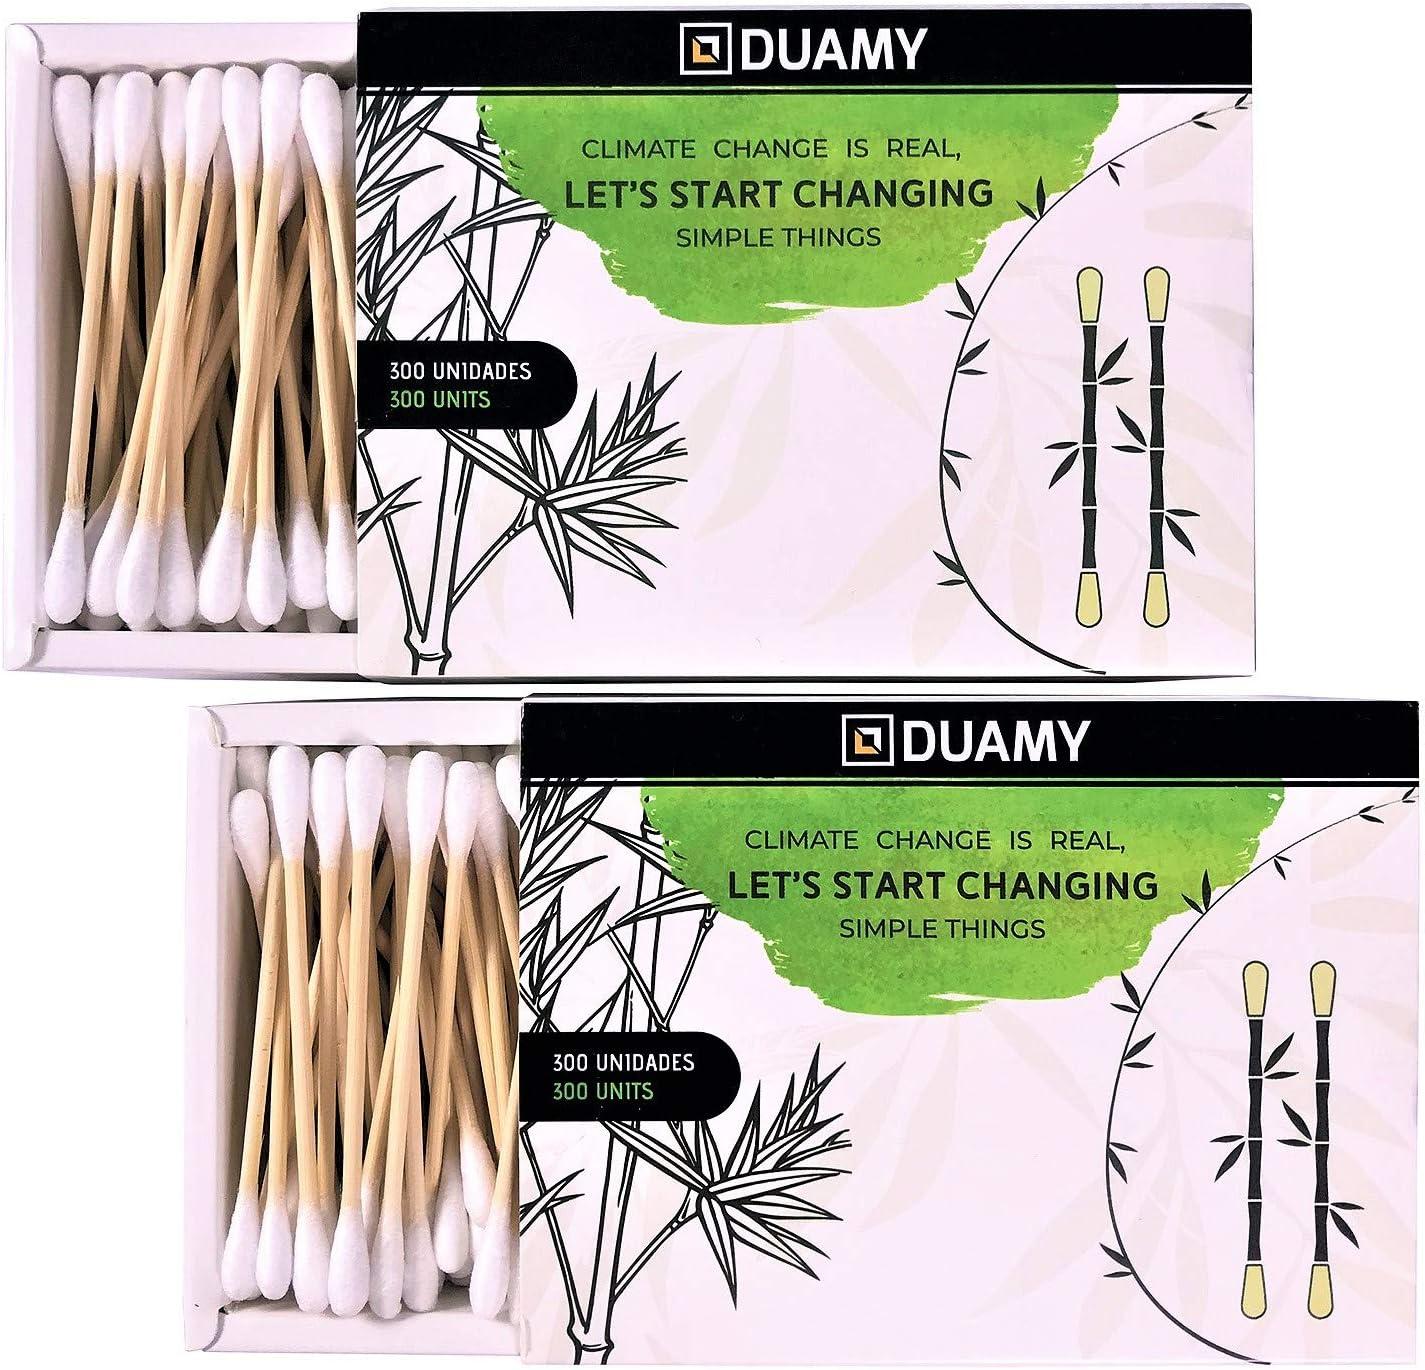 600 bastoncillos ecológicos de algodón y bambú naturales. 2 packs de 300 hisopos en cajas de cartón. Bastoncillos de bambú biodegradable y orgánico. Sin BPA y veganos. Palillos limpiadores de oídos.